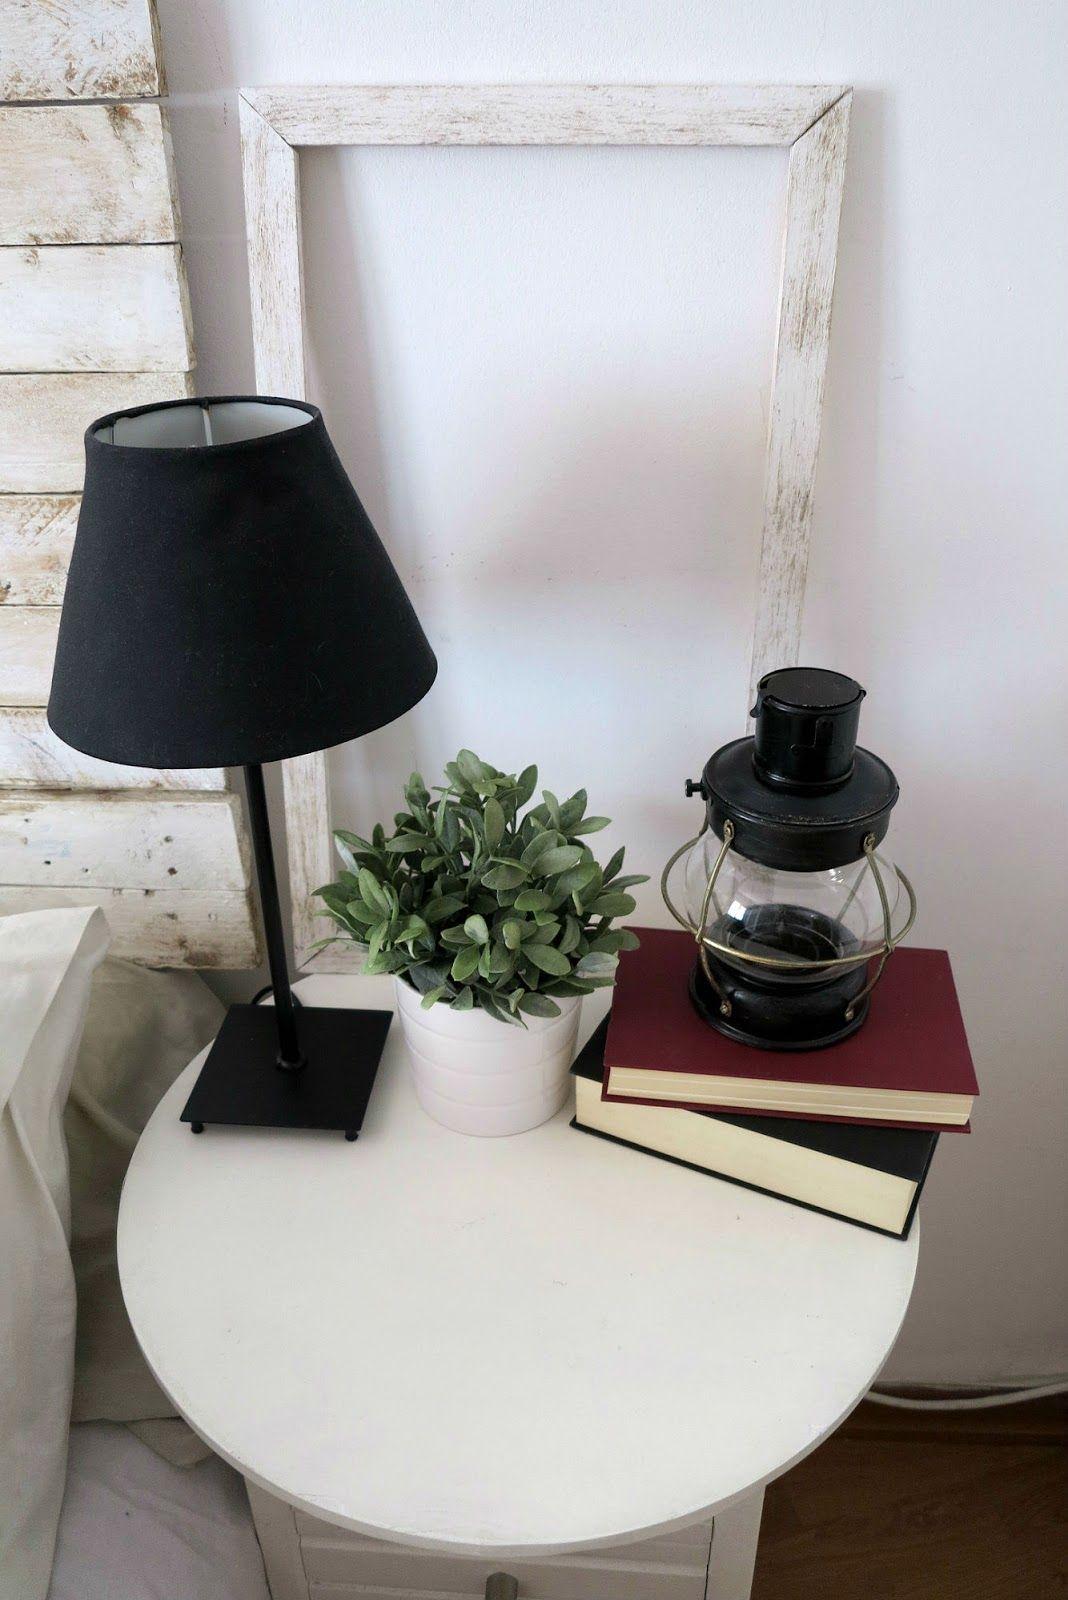 Dormitorio Sencillo Y Neutro Mi Casa Pinterest Sencillo  # Muebles Famosos